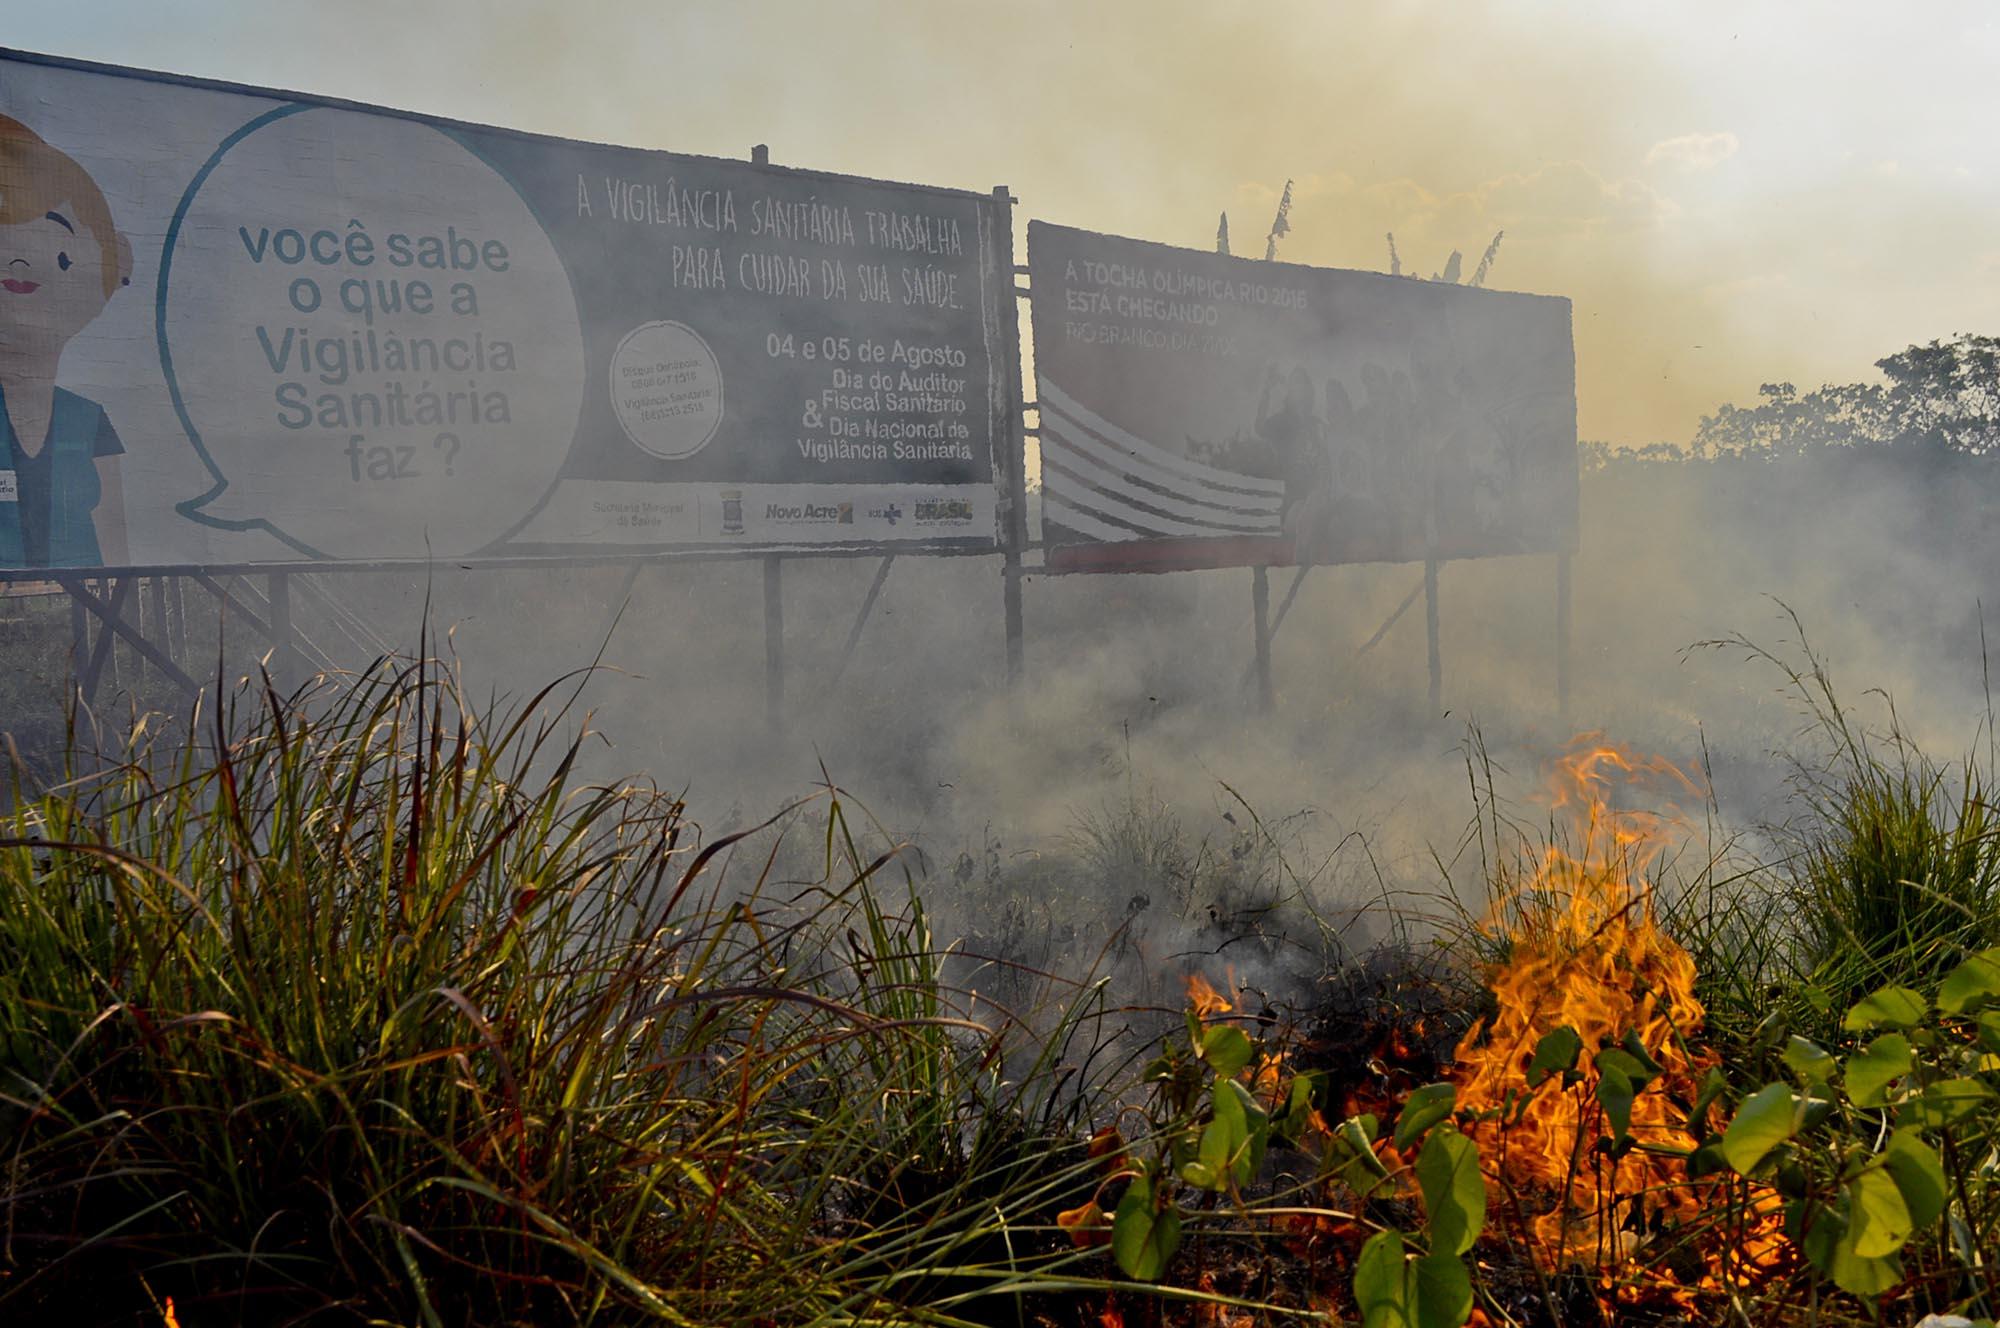 Estiagem severa e queimadas atingem centro-sul da Amazônia Legal